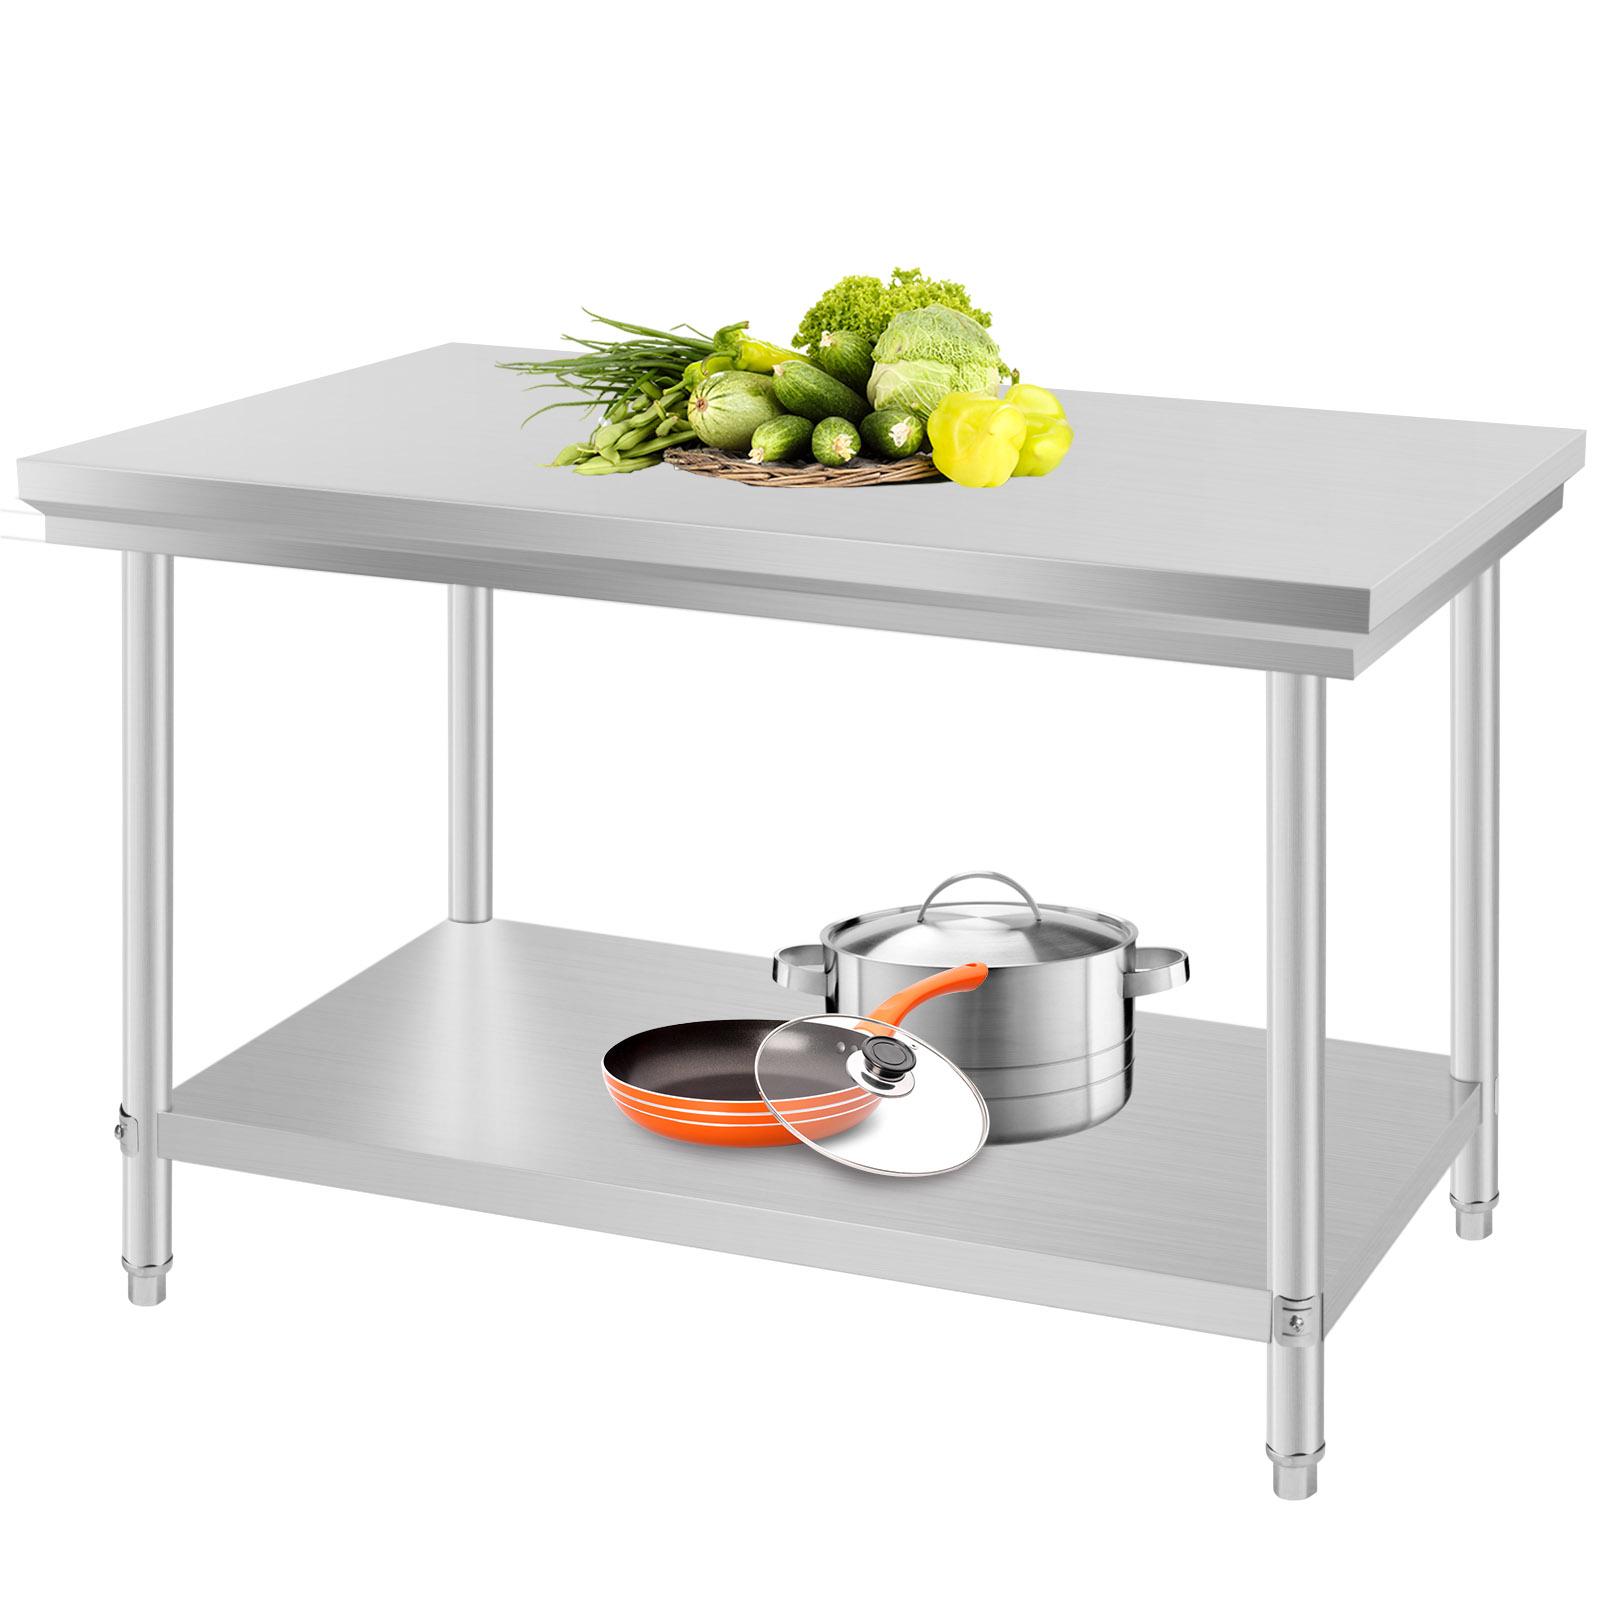 New Stainless Steel Kitchen Restaurant Work Bench Food